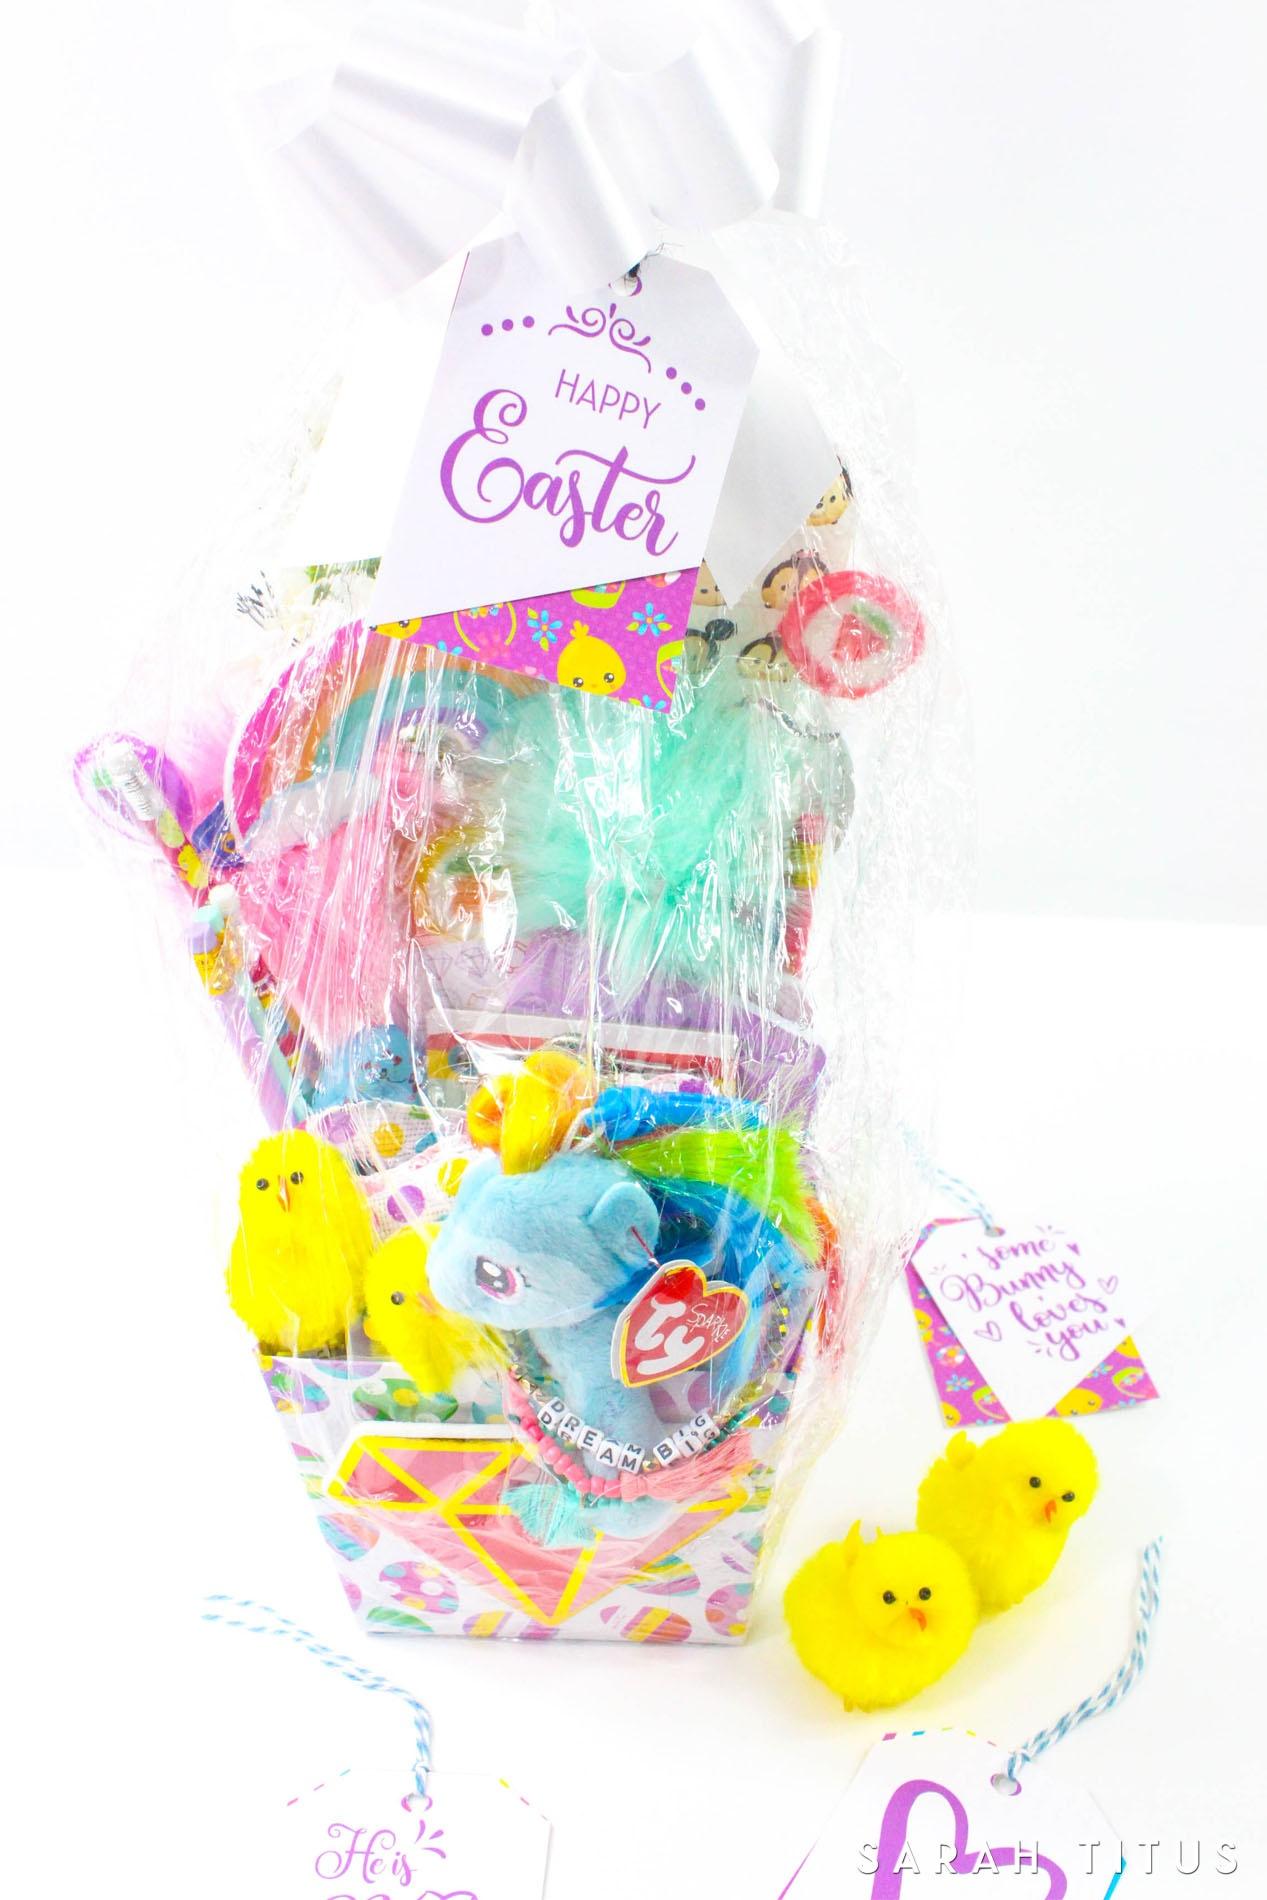 Free Printable Easter Gift Tags - Sarah Titus - Free Printable Easter Card Inserts